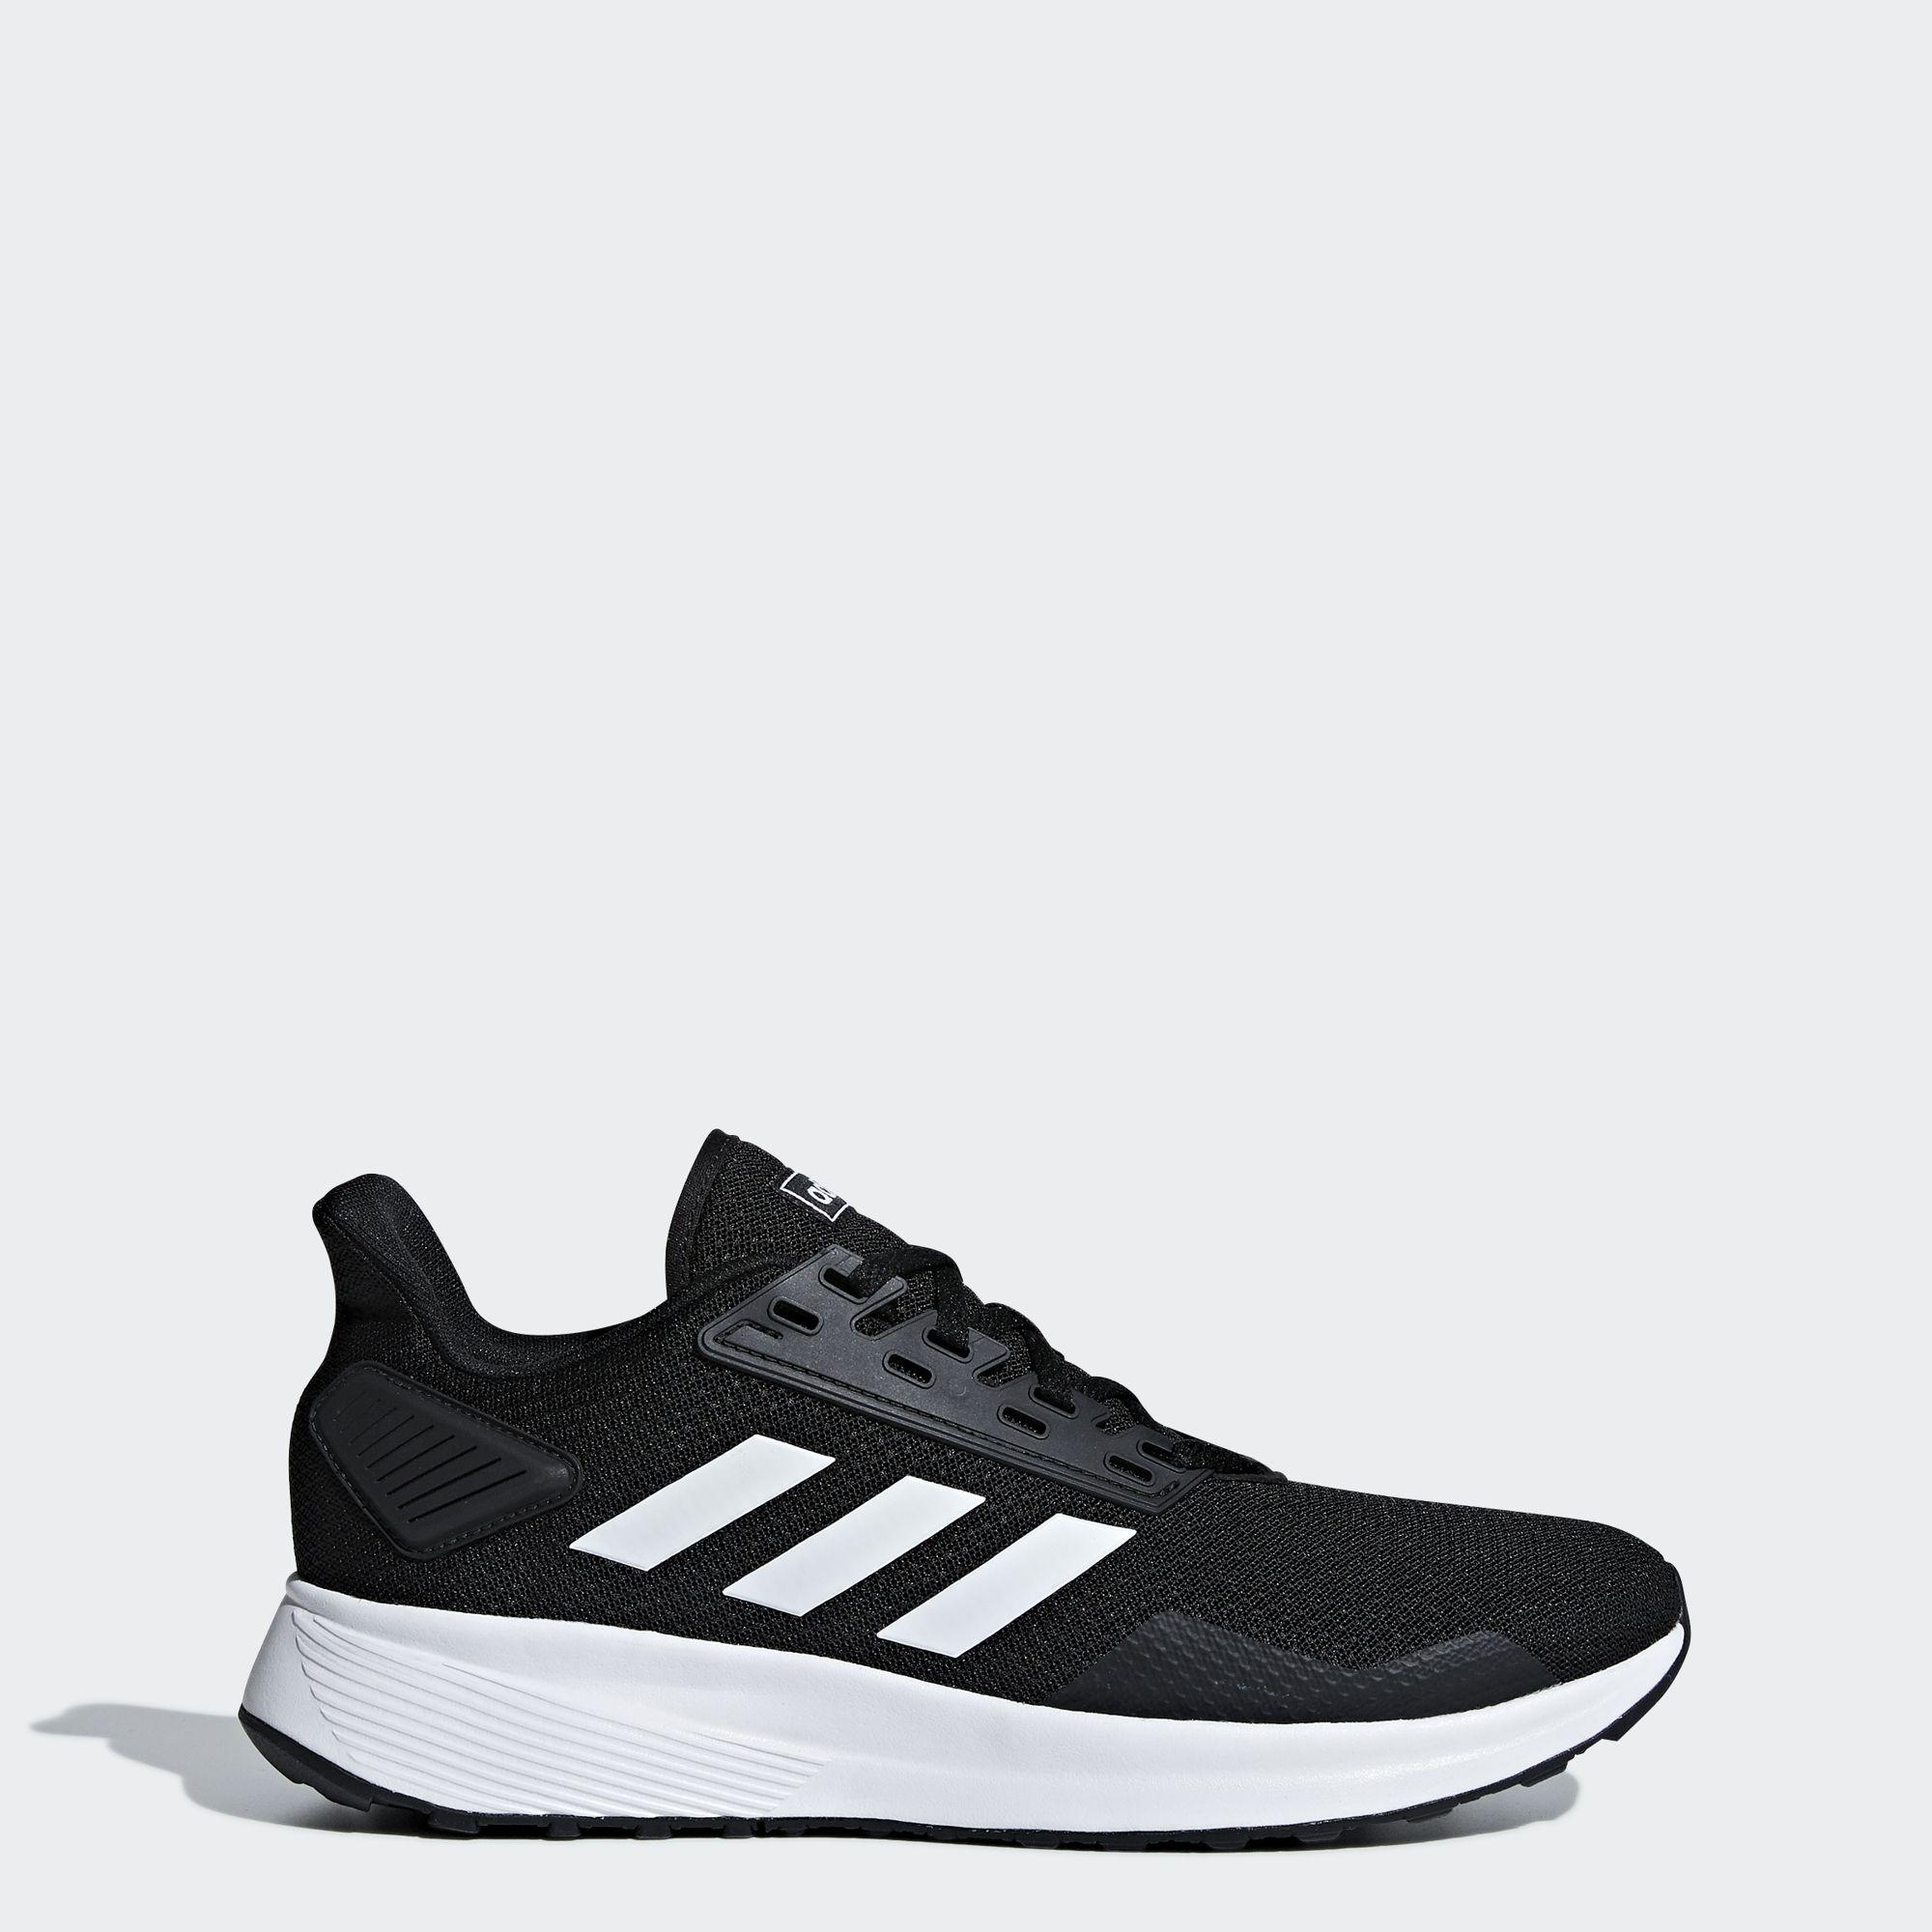 Mã Giảm Giá Adidas RUNNING Giày Duramo 9 Nam Màu đen BB7066